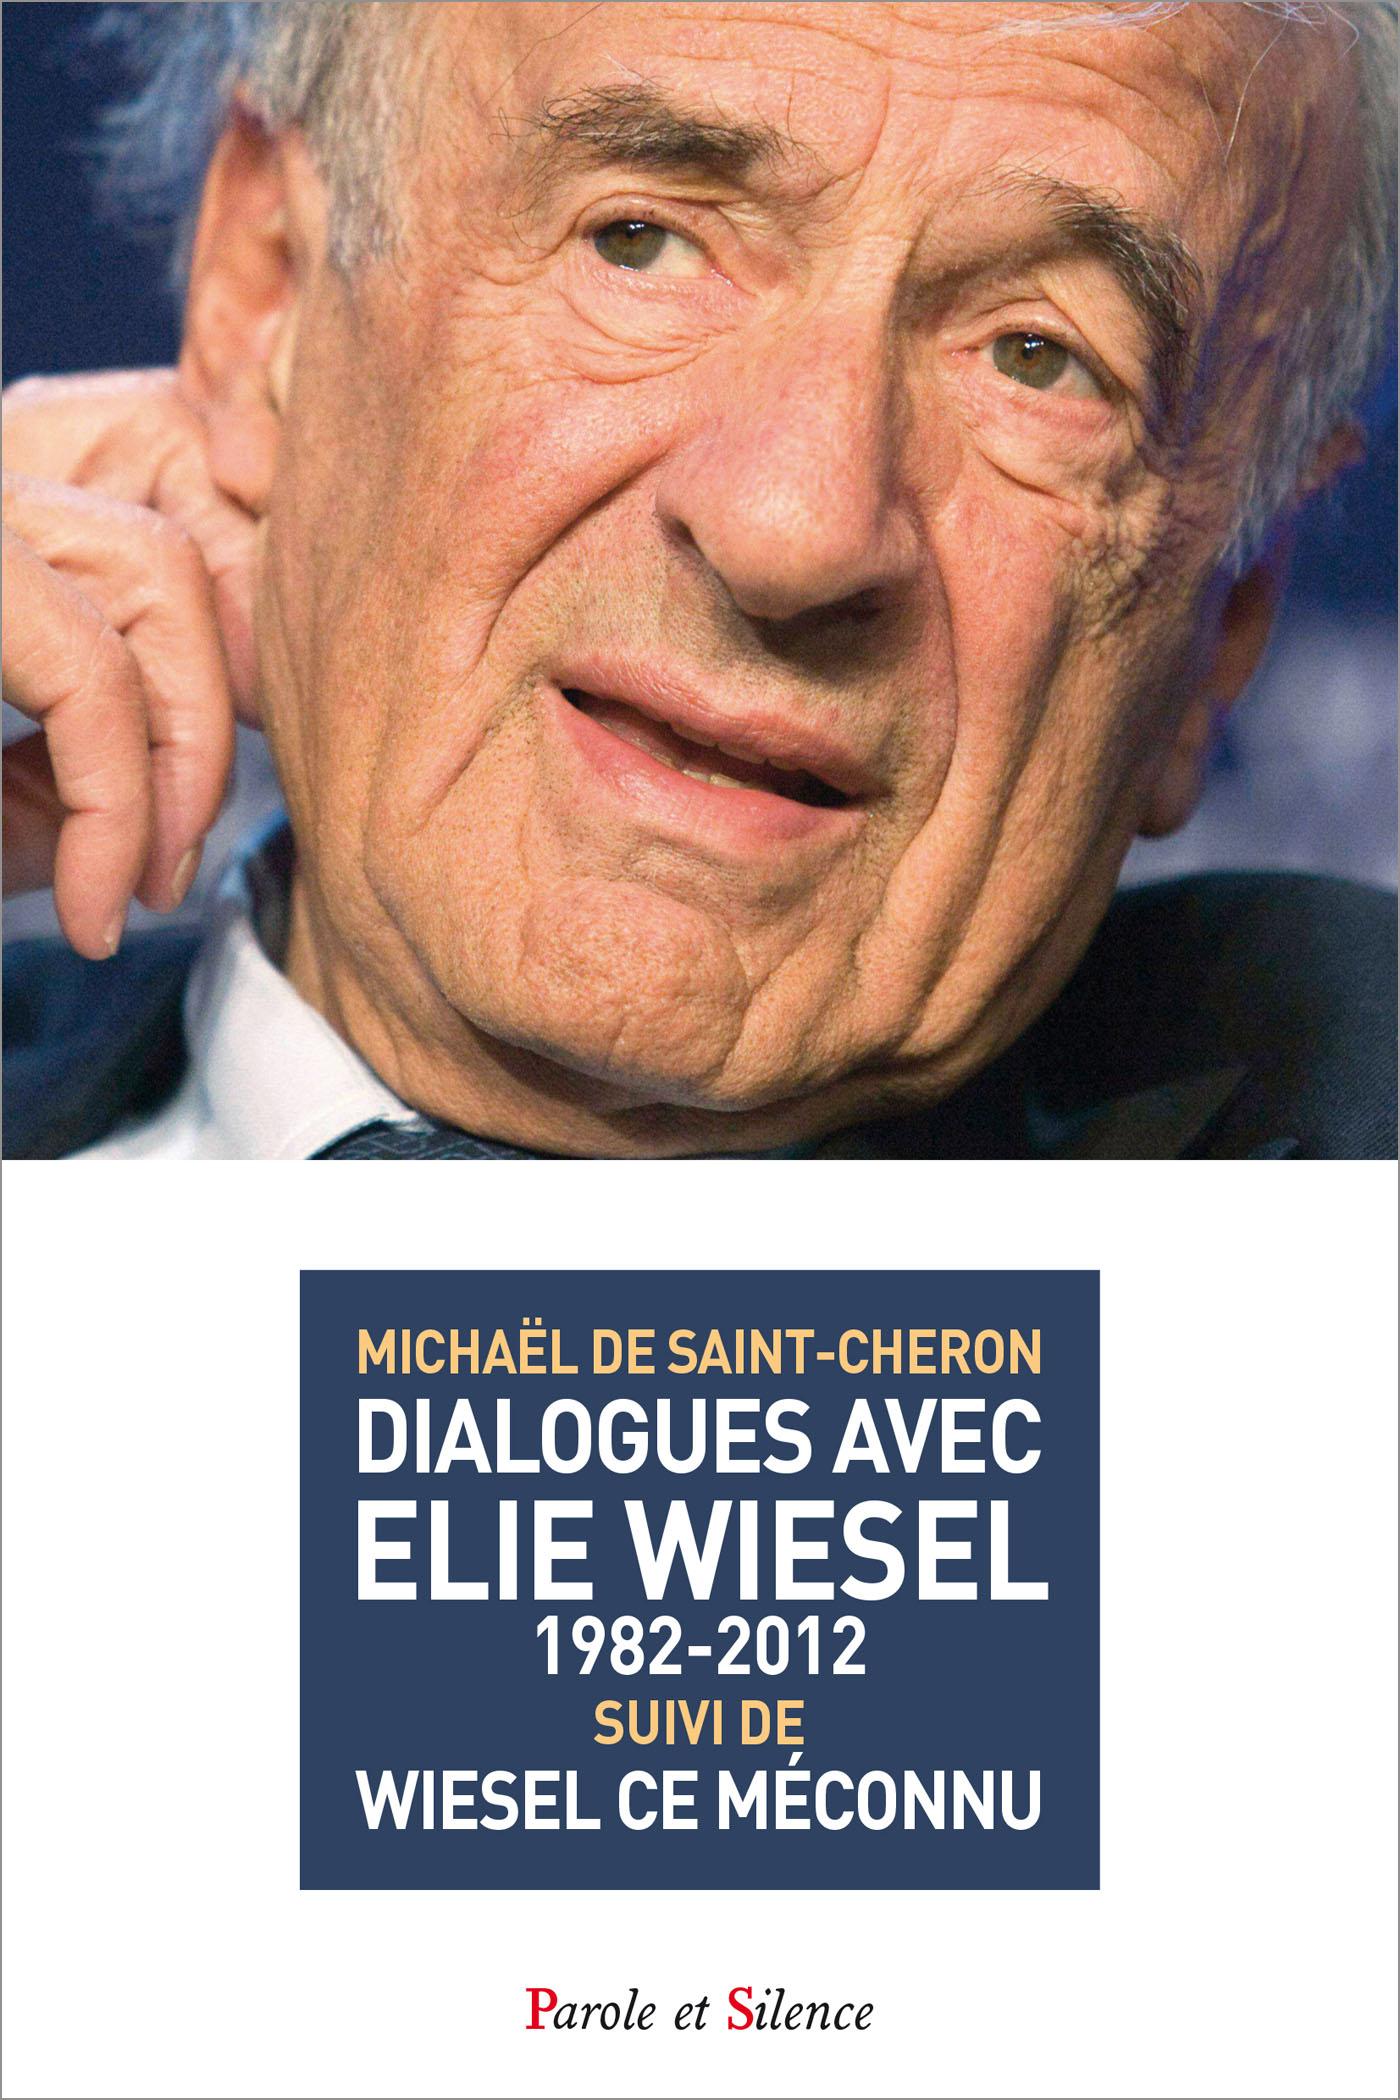 Dialogues avec Elie Wiesel 1982-2012